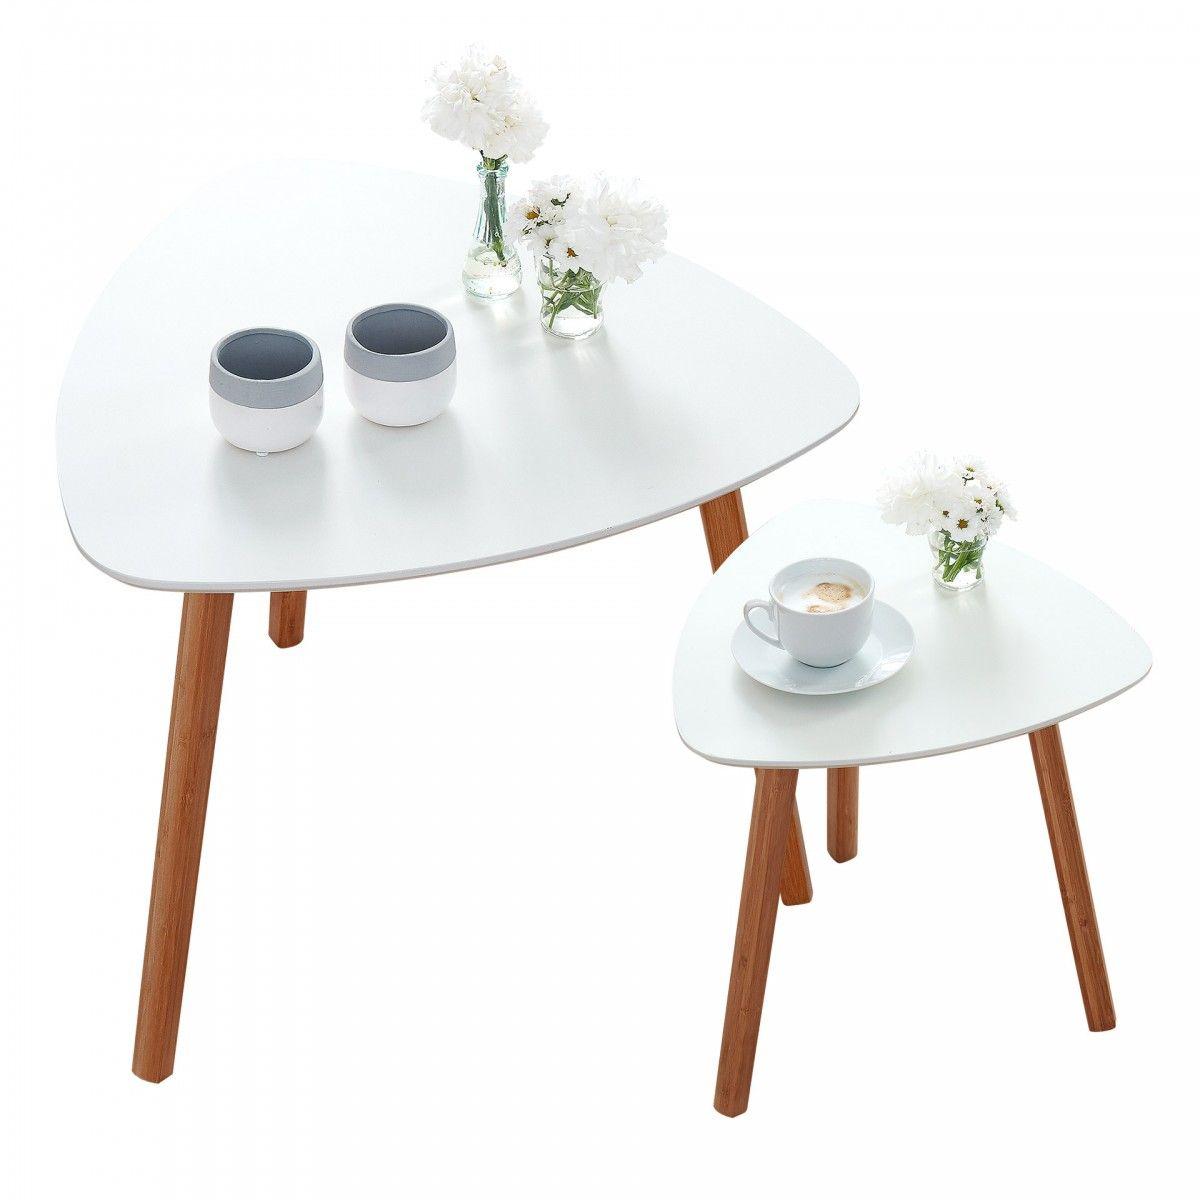 Couchtisch Set Rinkeby 2er Set Weiss Couchtisch Set Couchtisch Und Tisch